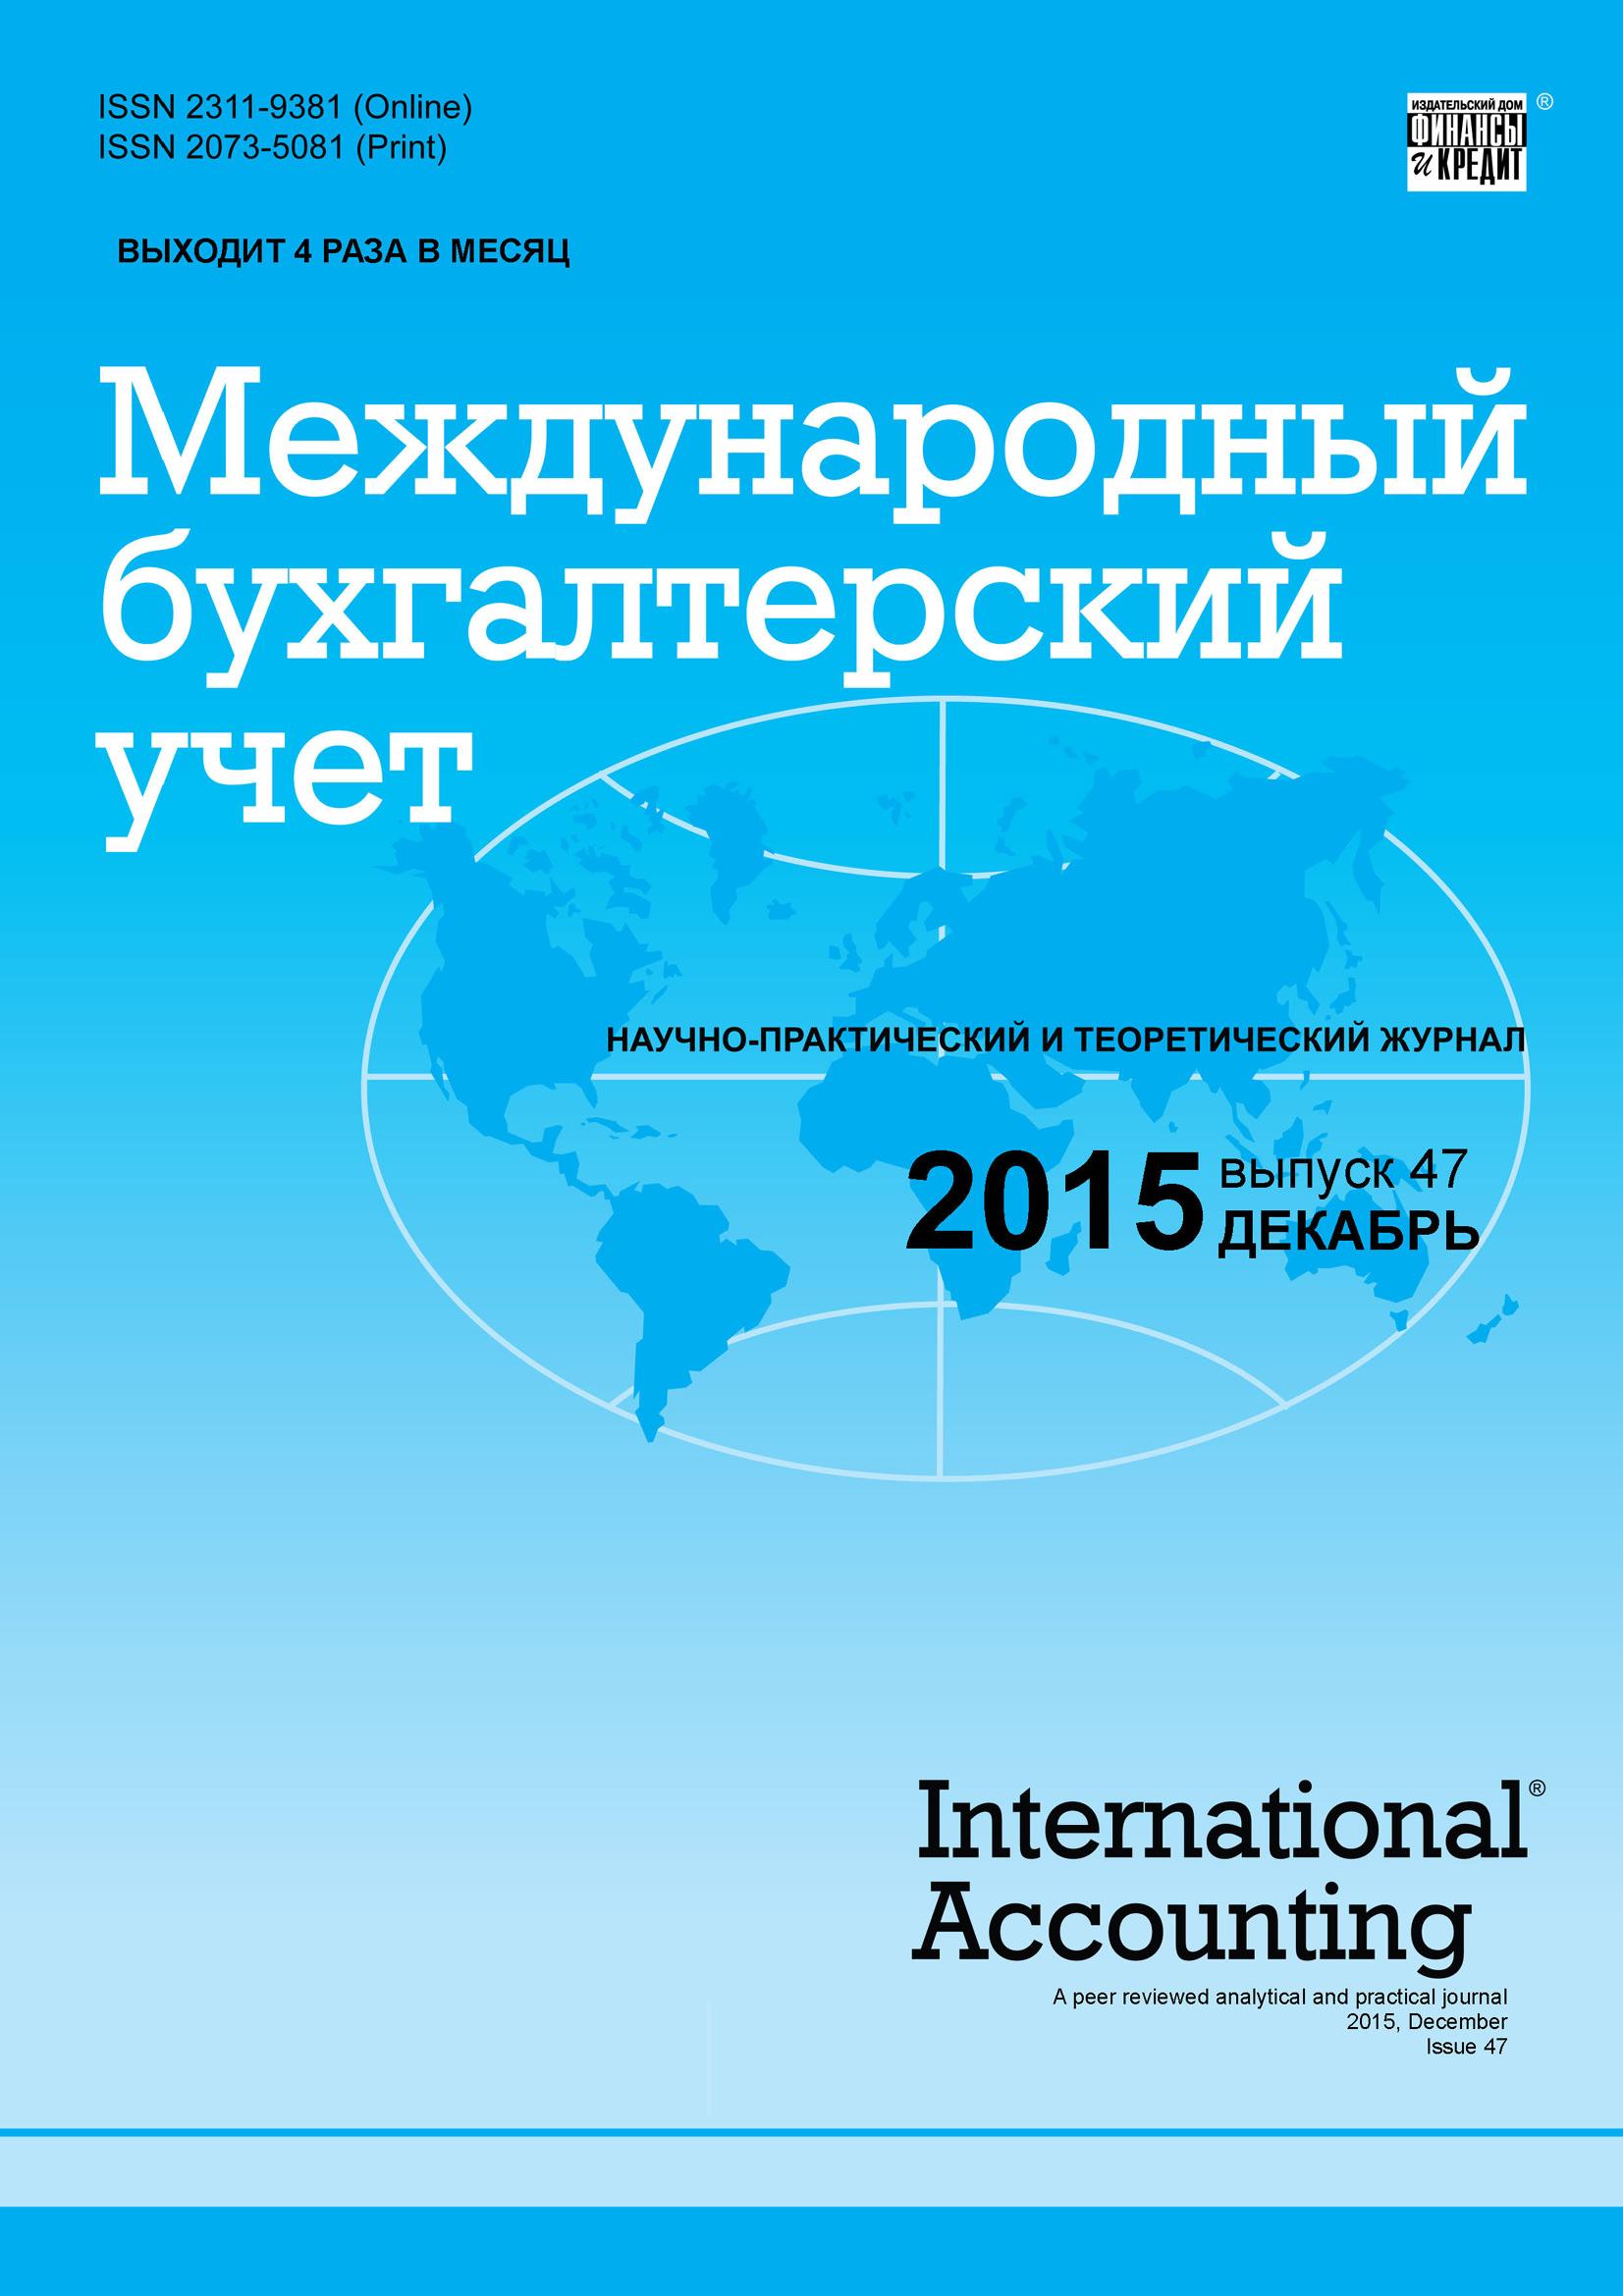 Международный бухгалтерский учет № 47 (389) 2015